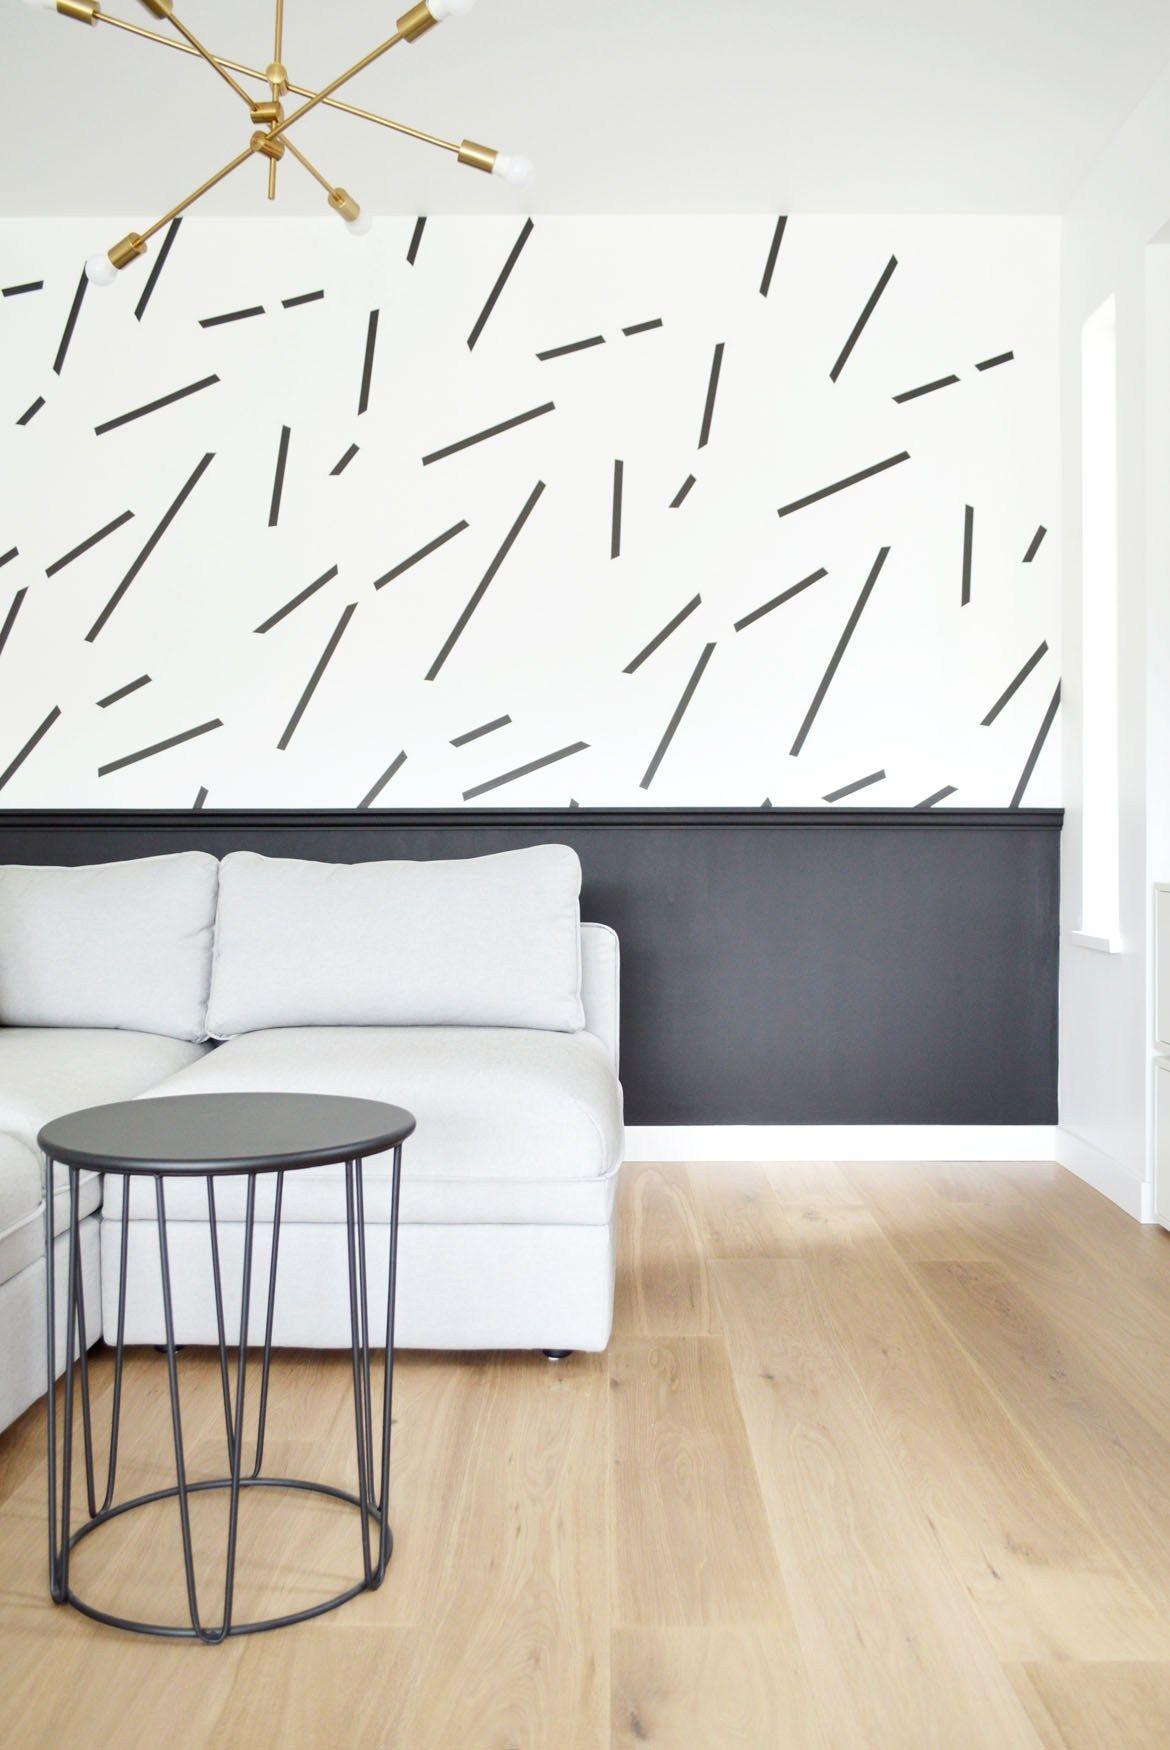 Diy Wallpaper Wall Art Masking Tape Black And White Living Room Makeover Living Room Redo Black And White Living Room Accent Walls In Living Room